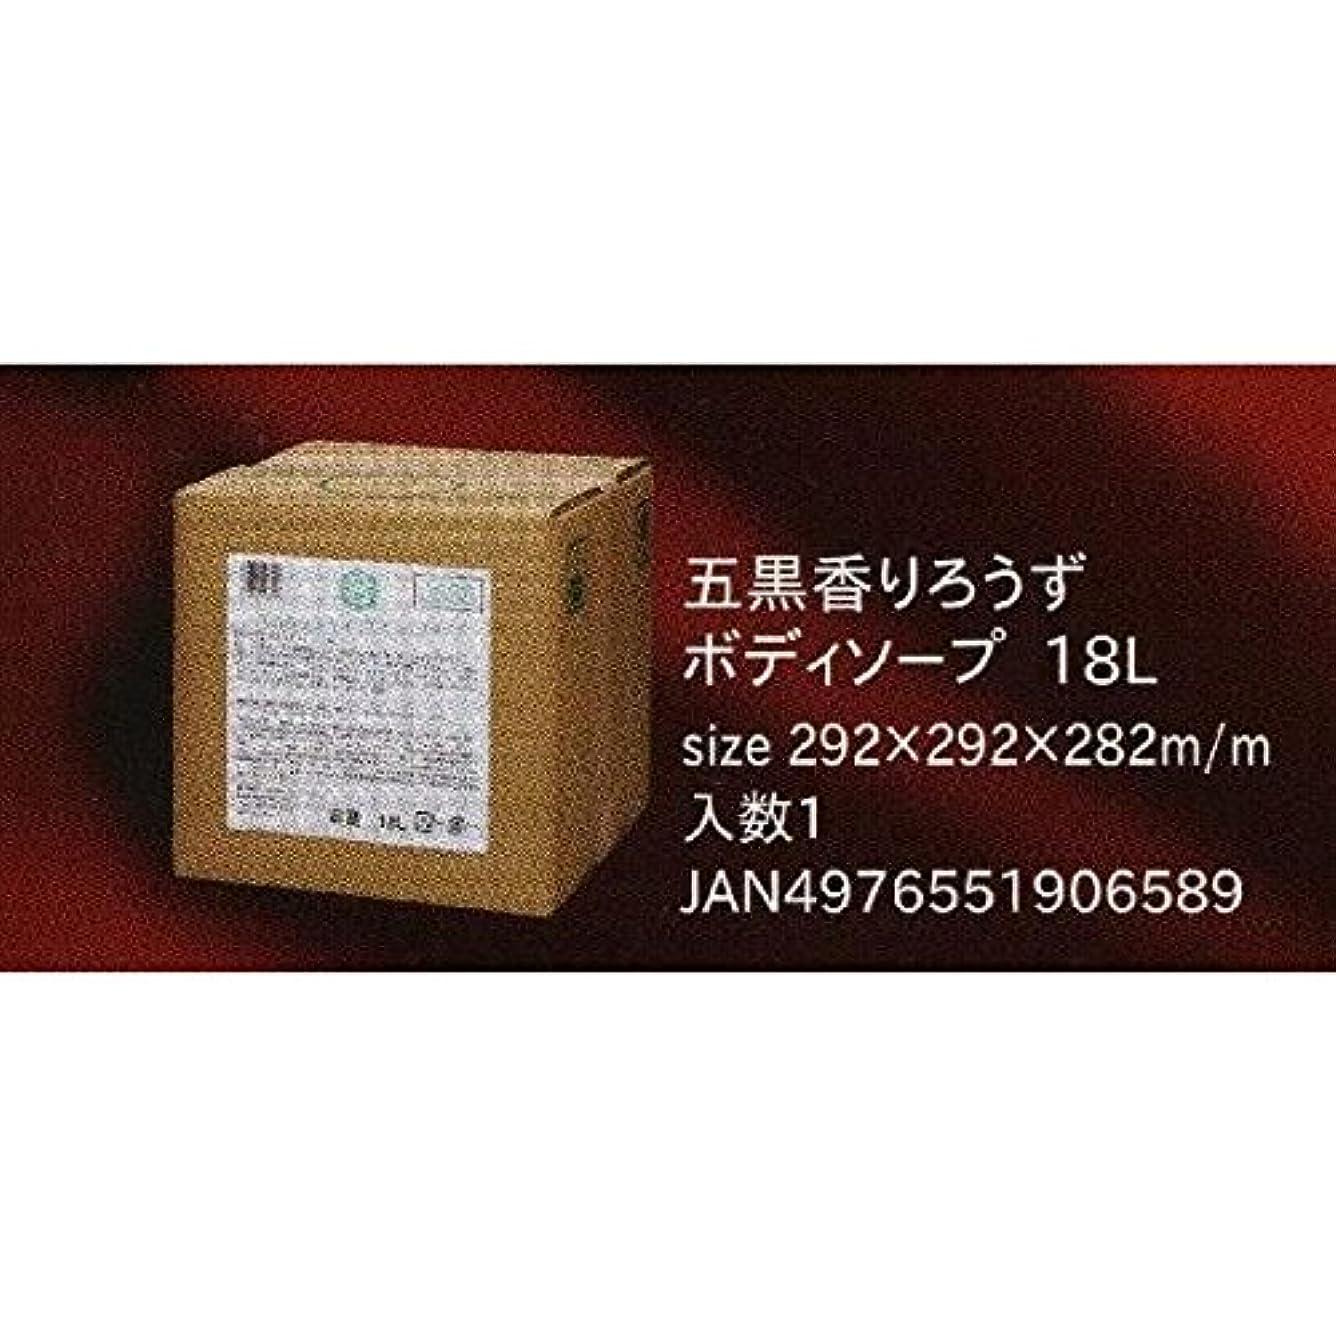 パンテクスチャー導入する五黒香りろうず ボディソープ / 18L 1個